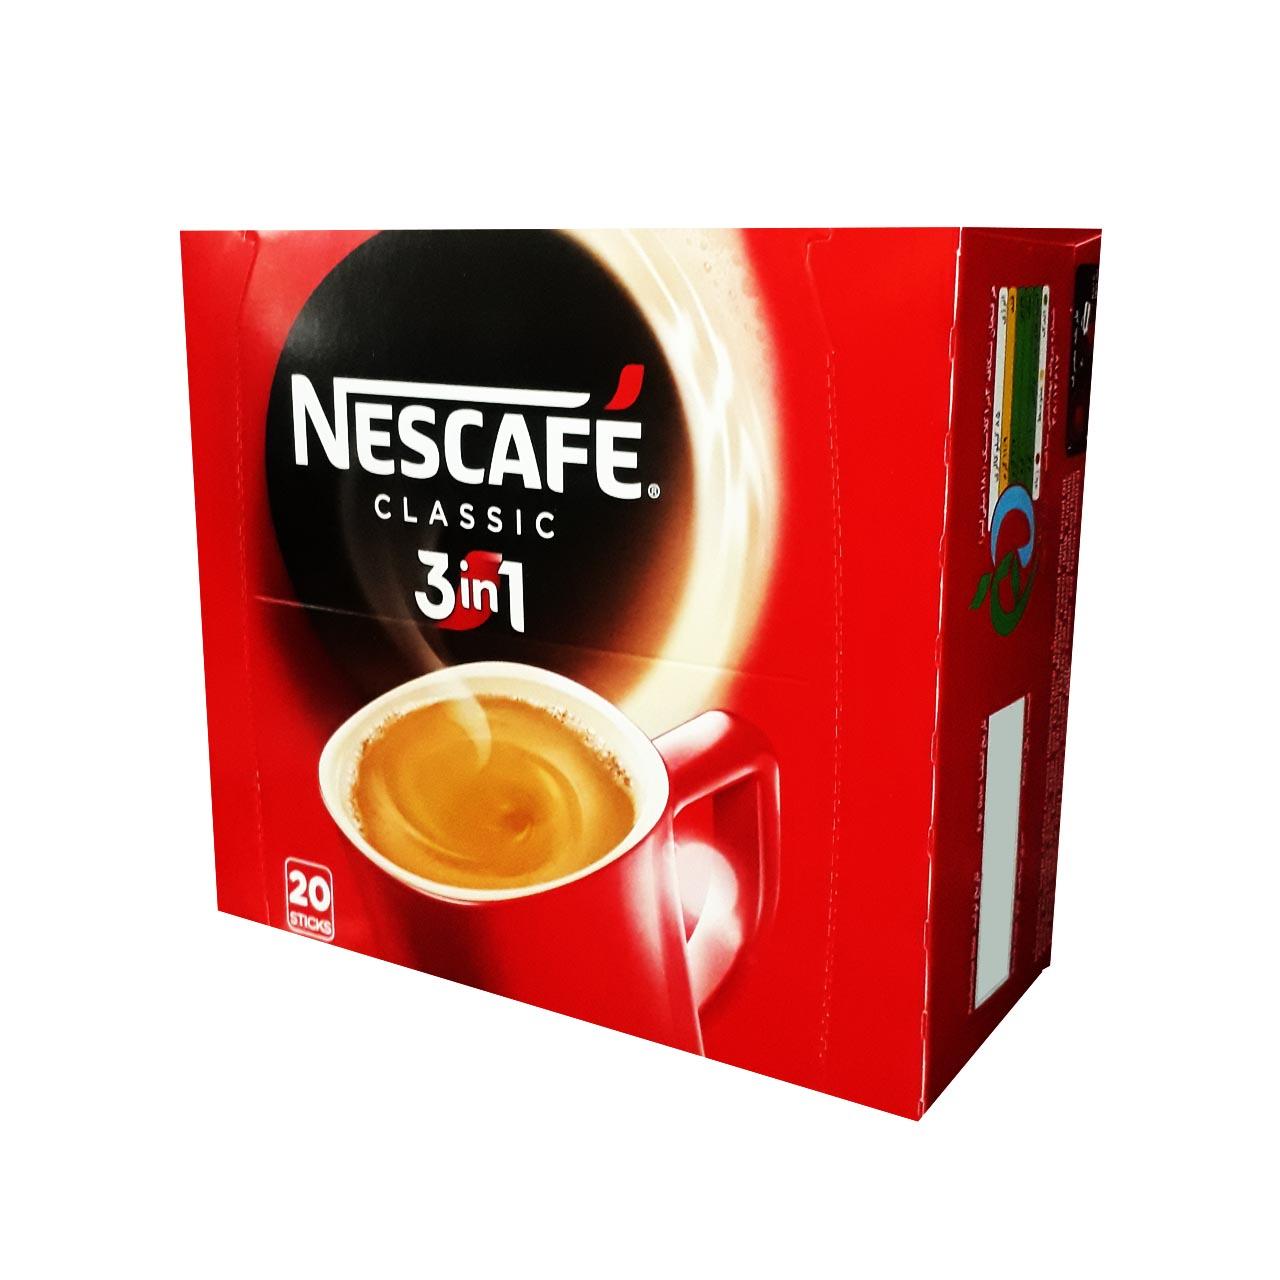 پودر مخلوط قهوه فوری 3 در 1 نسکافه بسته 20 عددی